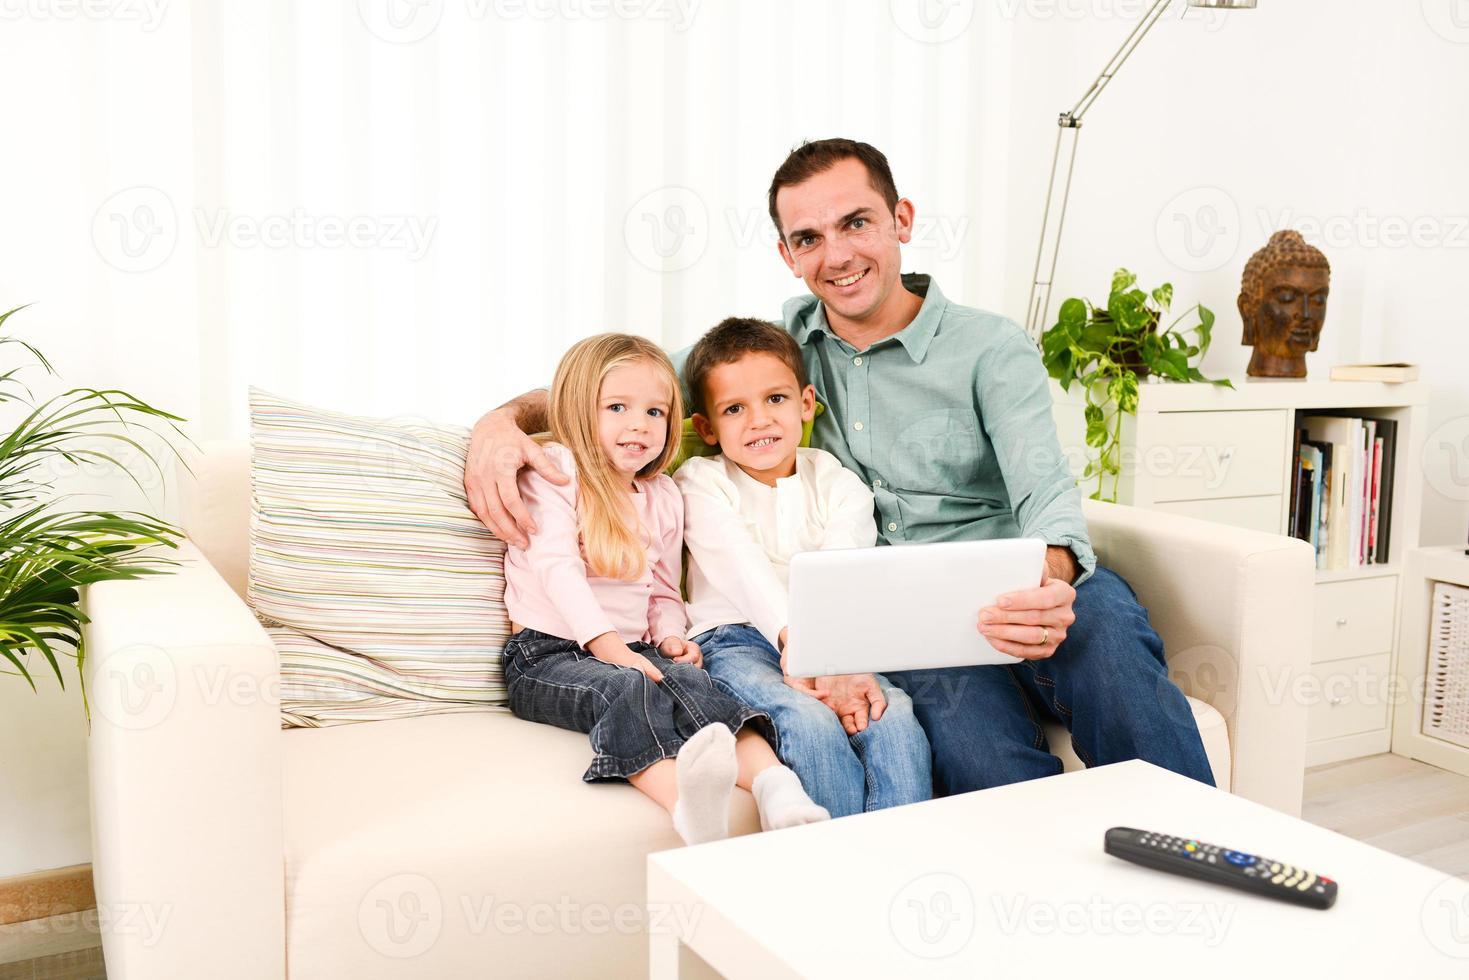 pai feliz brincando com tablet digital com crianças em casa foto